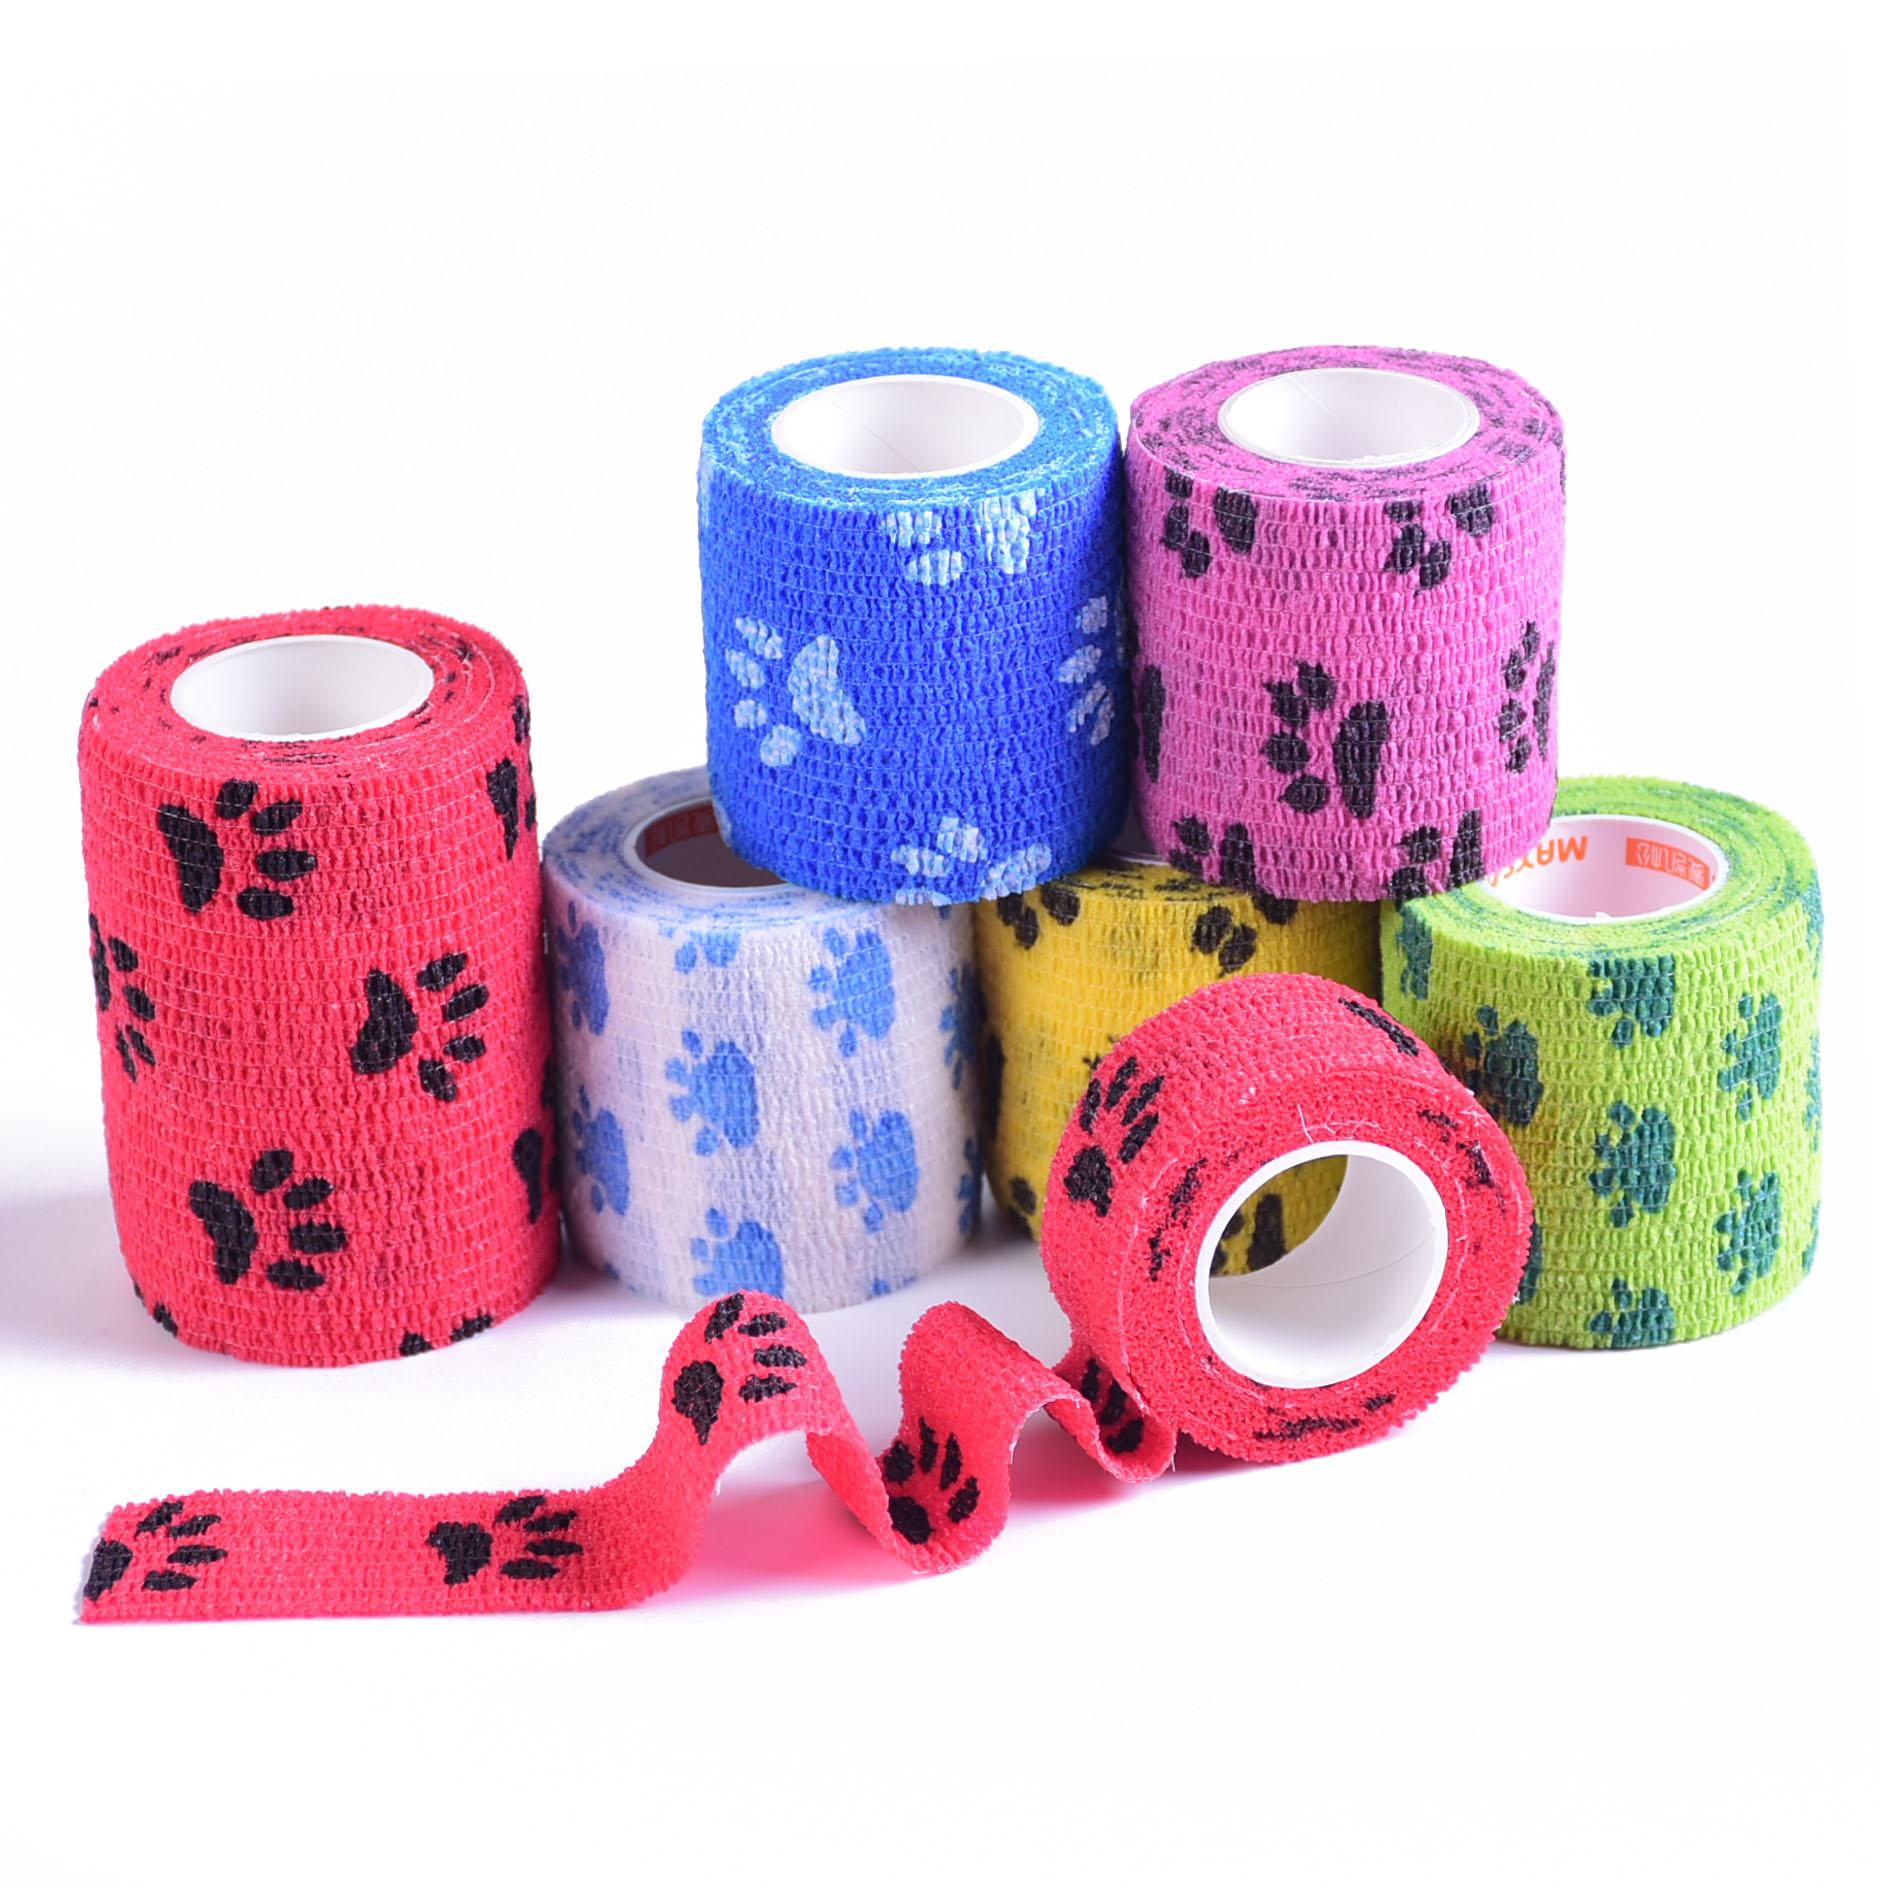 Outdoor Medical Bandage First Aid Kit Cartoon Adhesive Elastic Bandage Breathable Tape Colorful Pet Bandage 5cm*4.5m